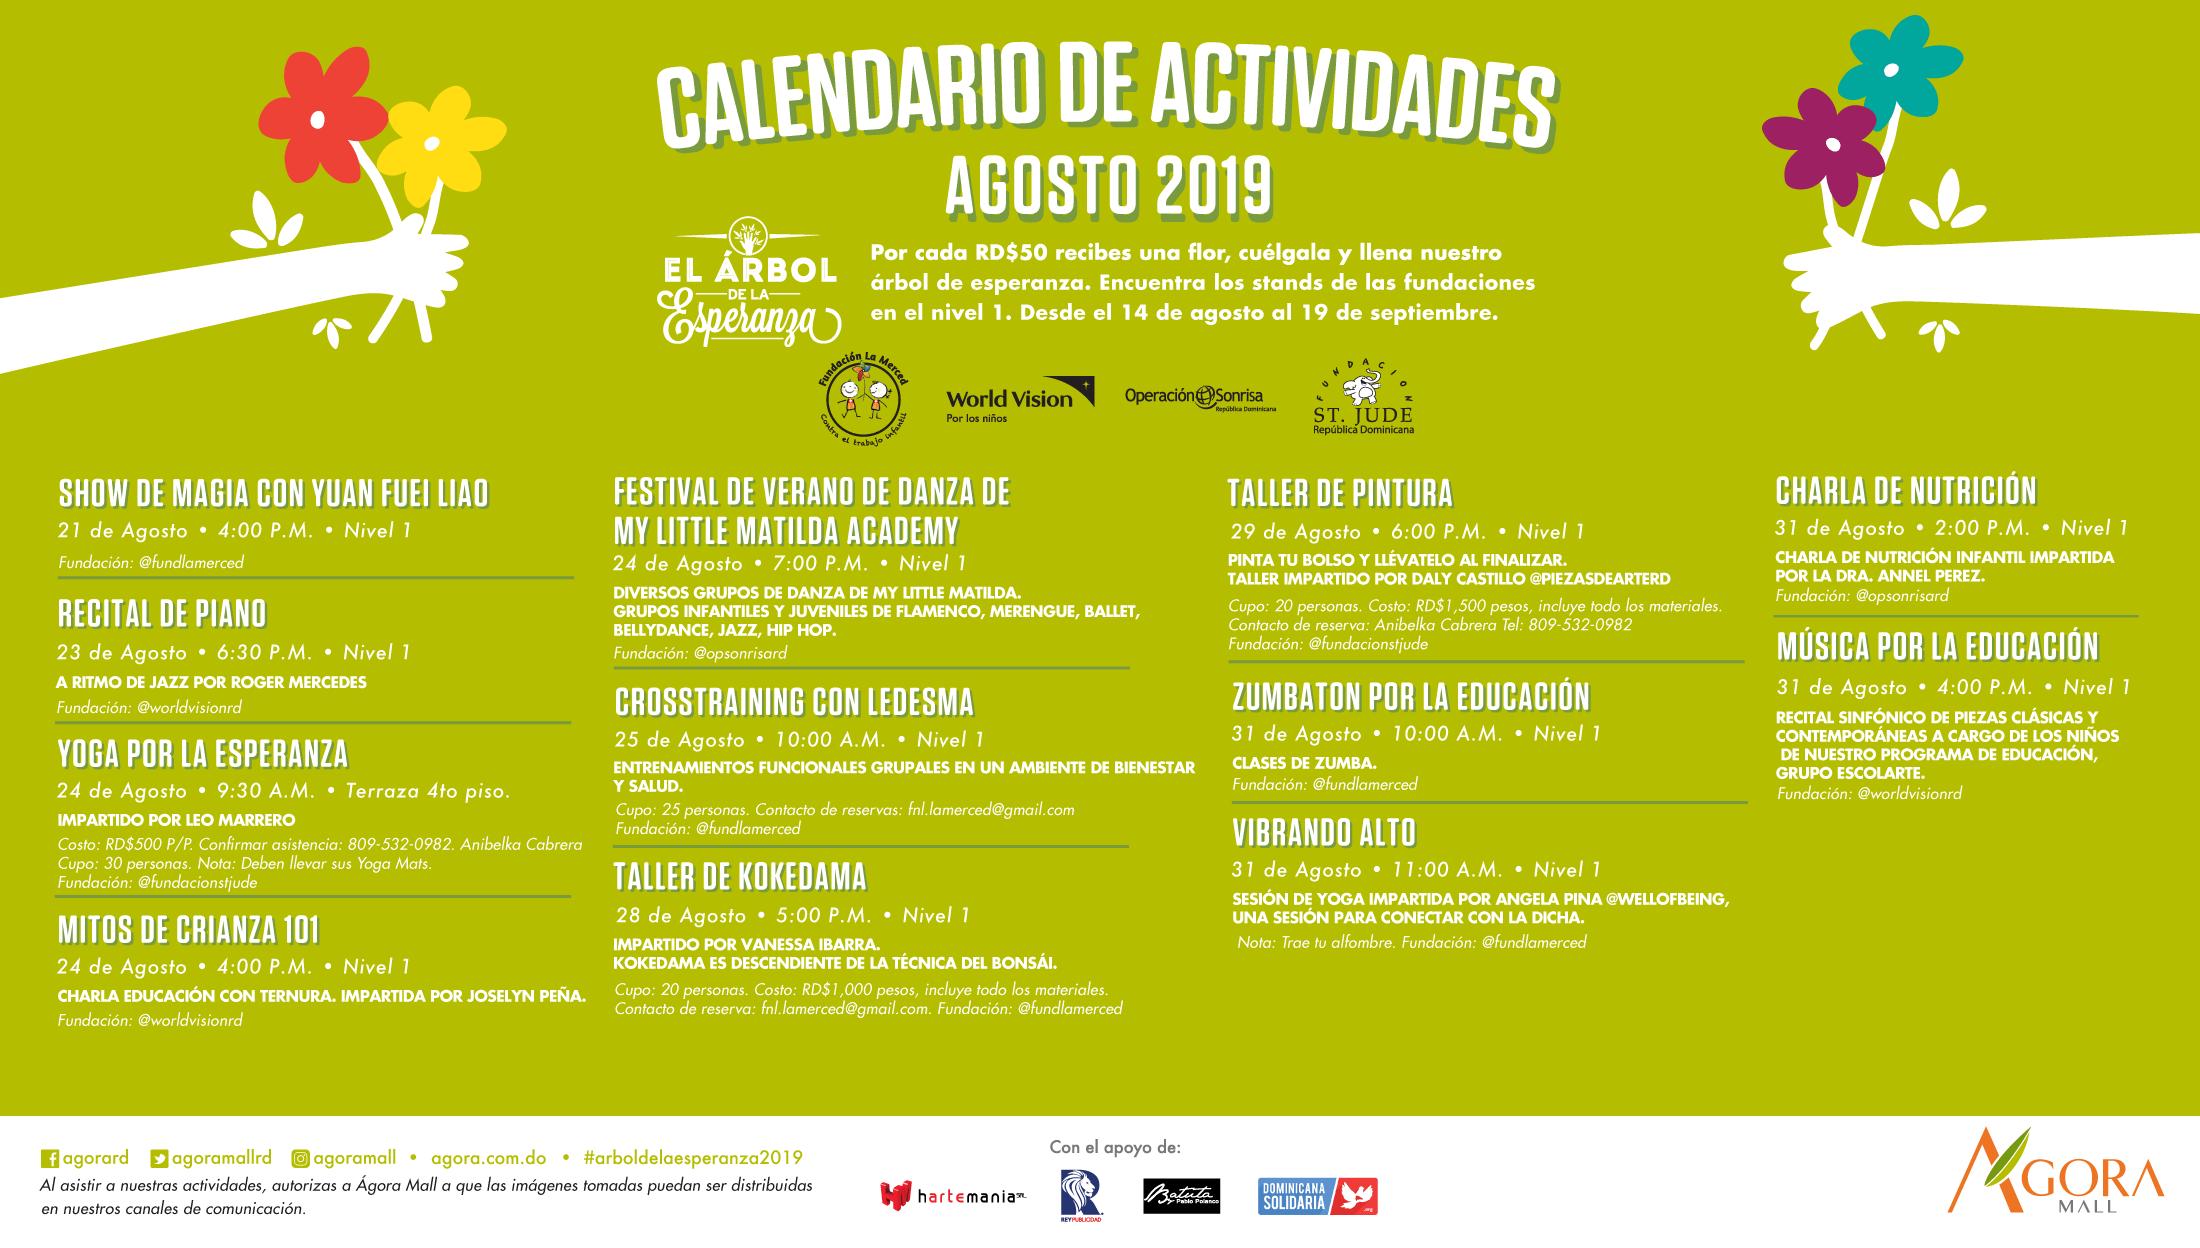 agora agosto calendario